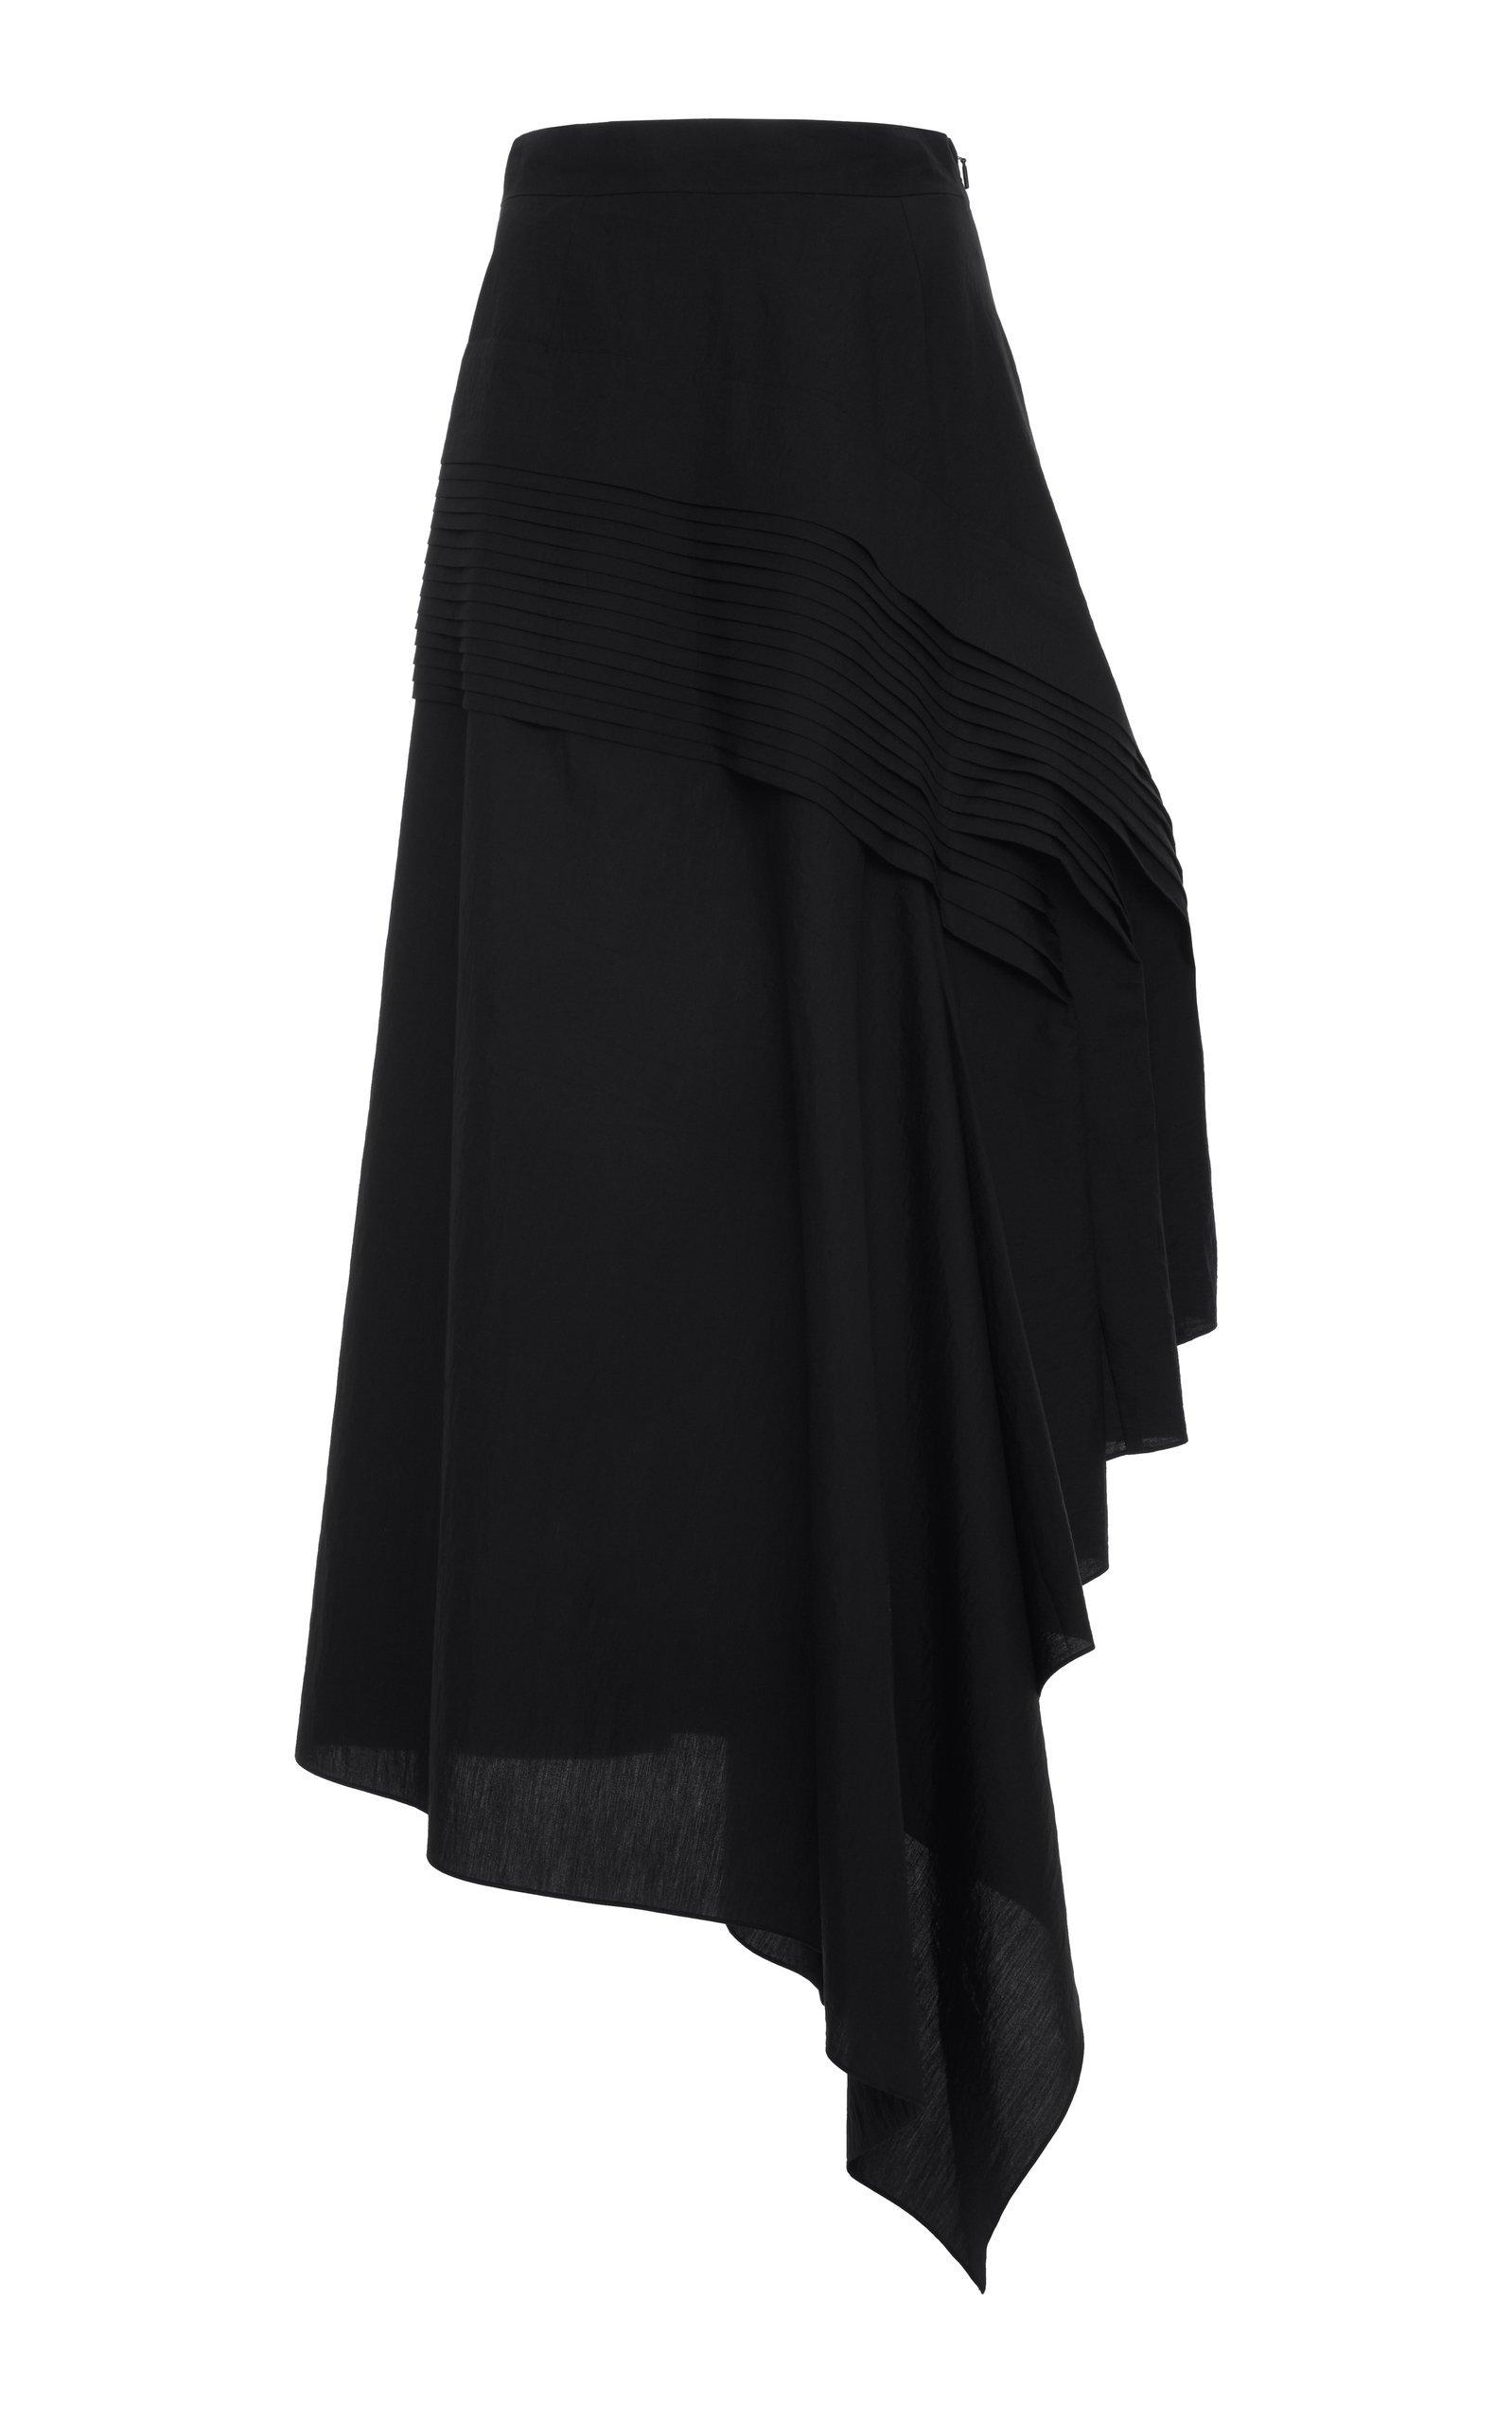 Loewe Plissé Side Midi Skirt Size: 42